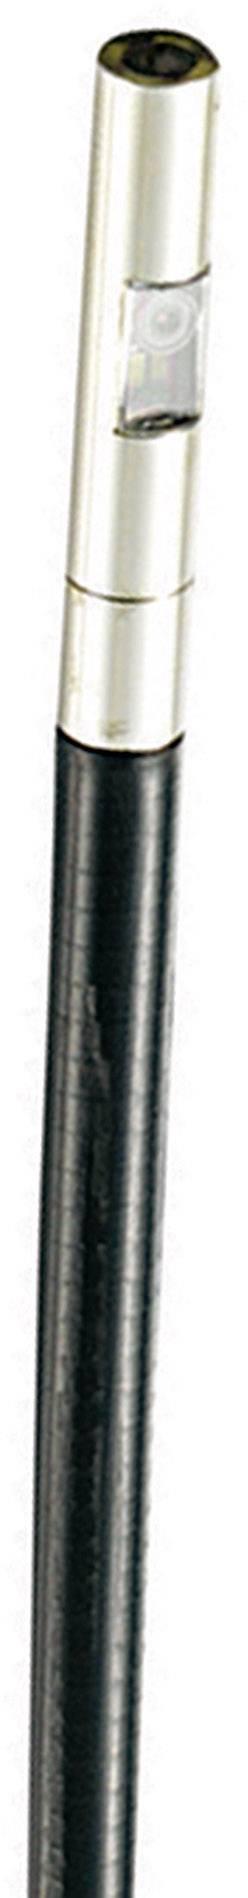 Sonda s kamerou D6300C pre endoskopy Voltcraft BS-500/1000T, 3 m, Ø 5.8 mm